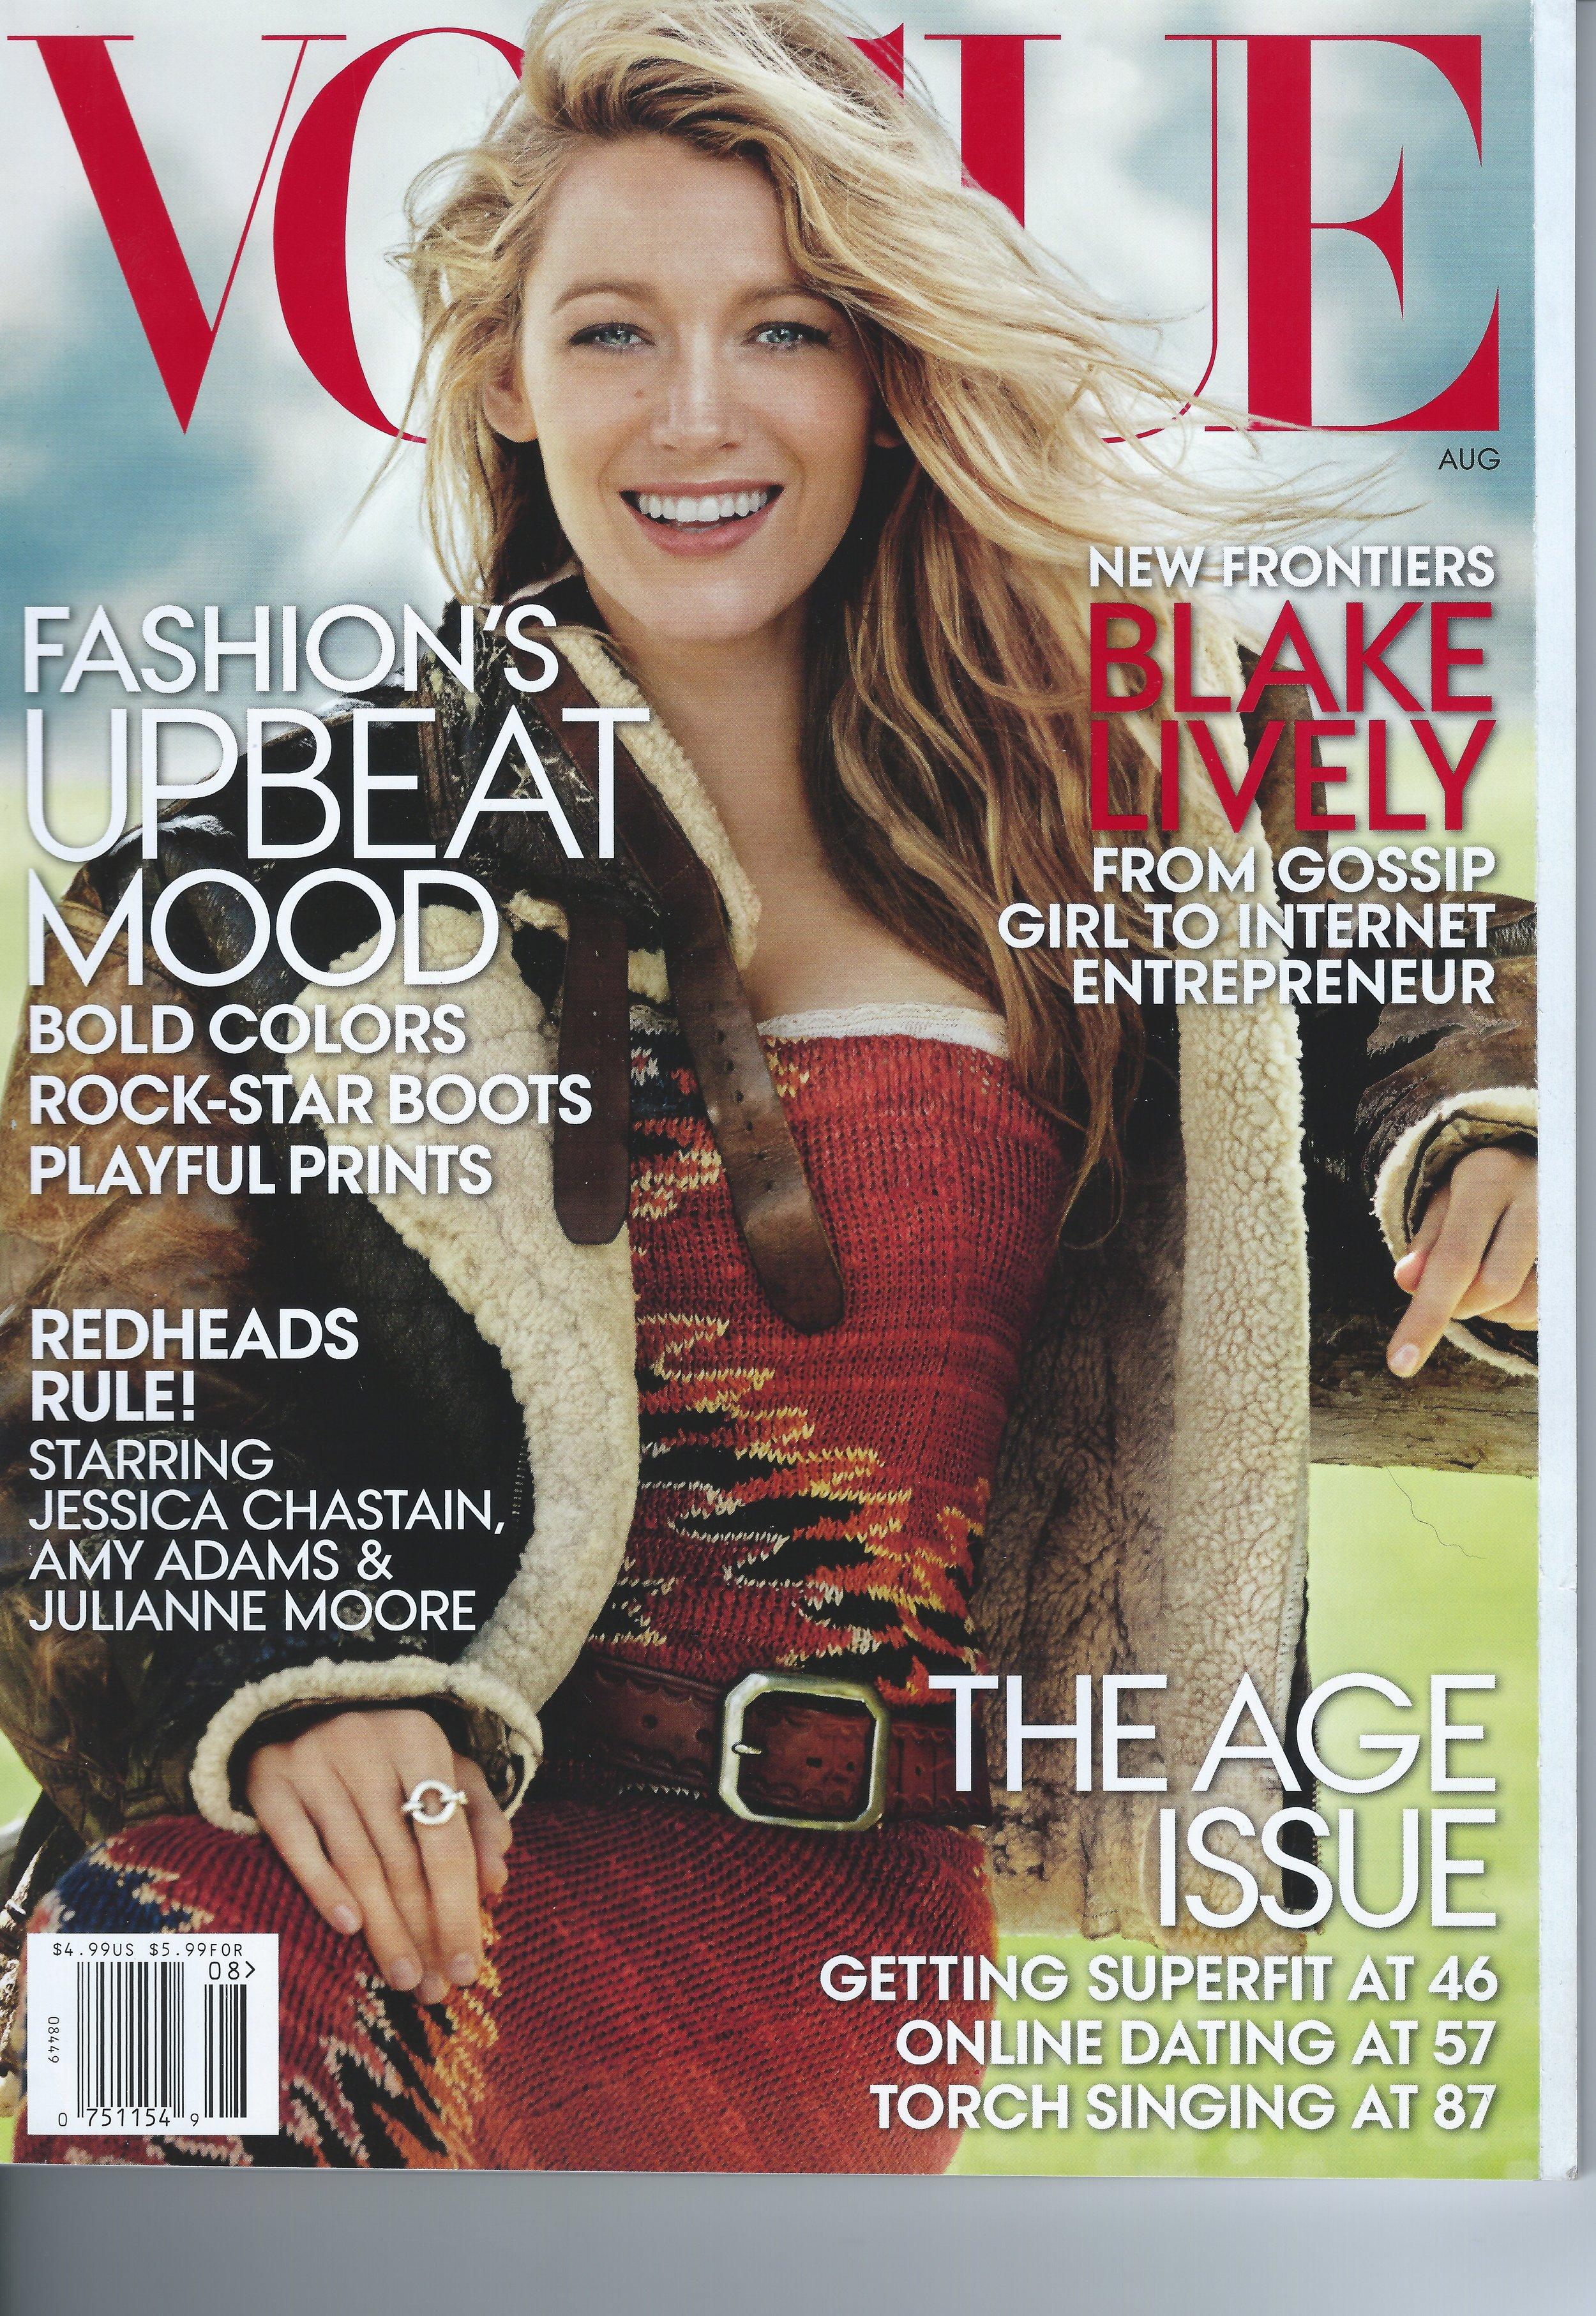 Vogue online dating på 57